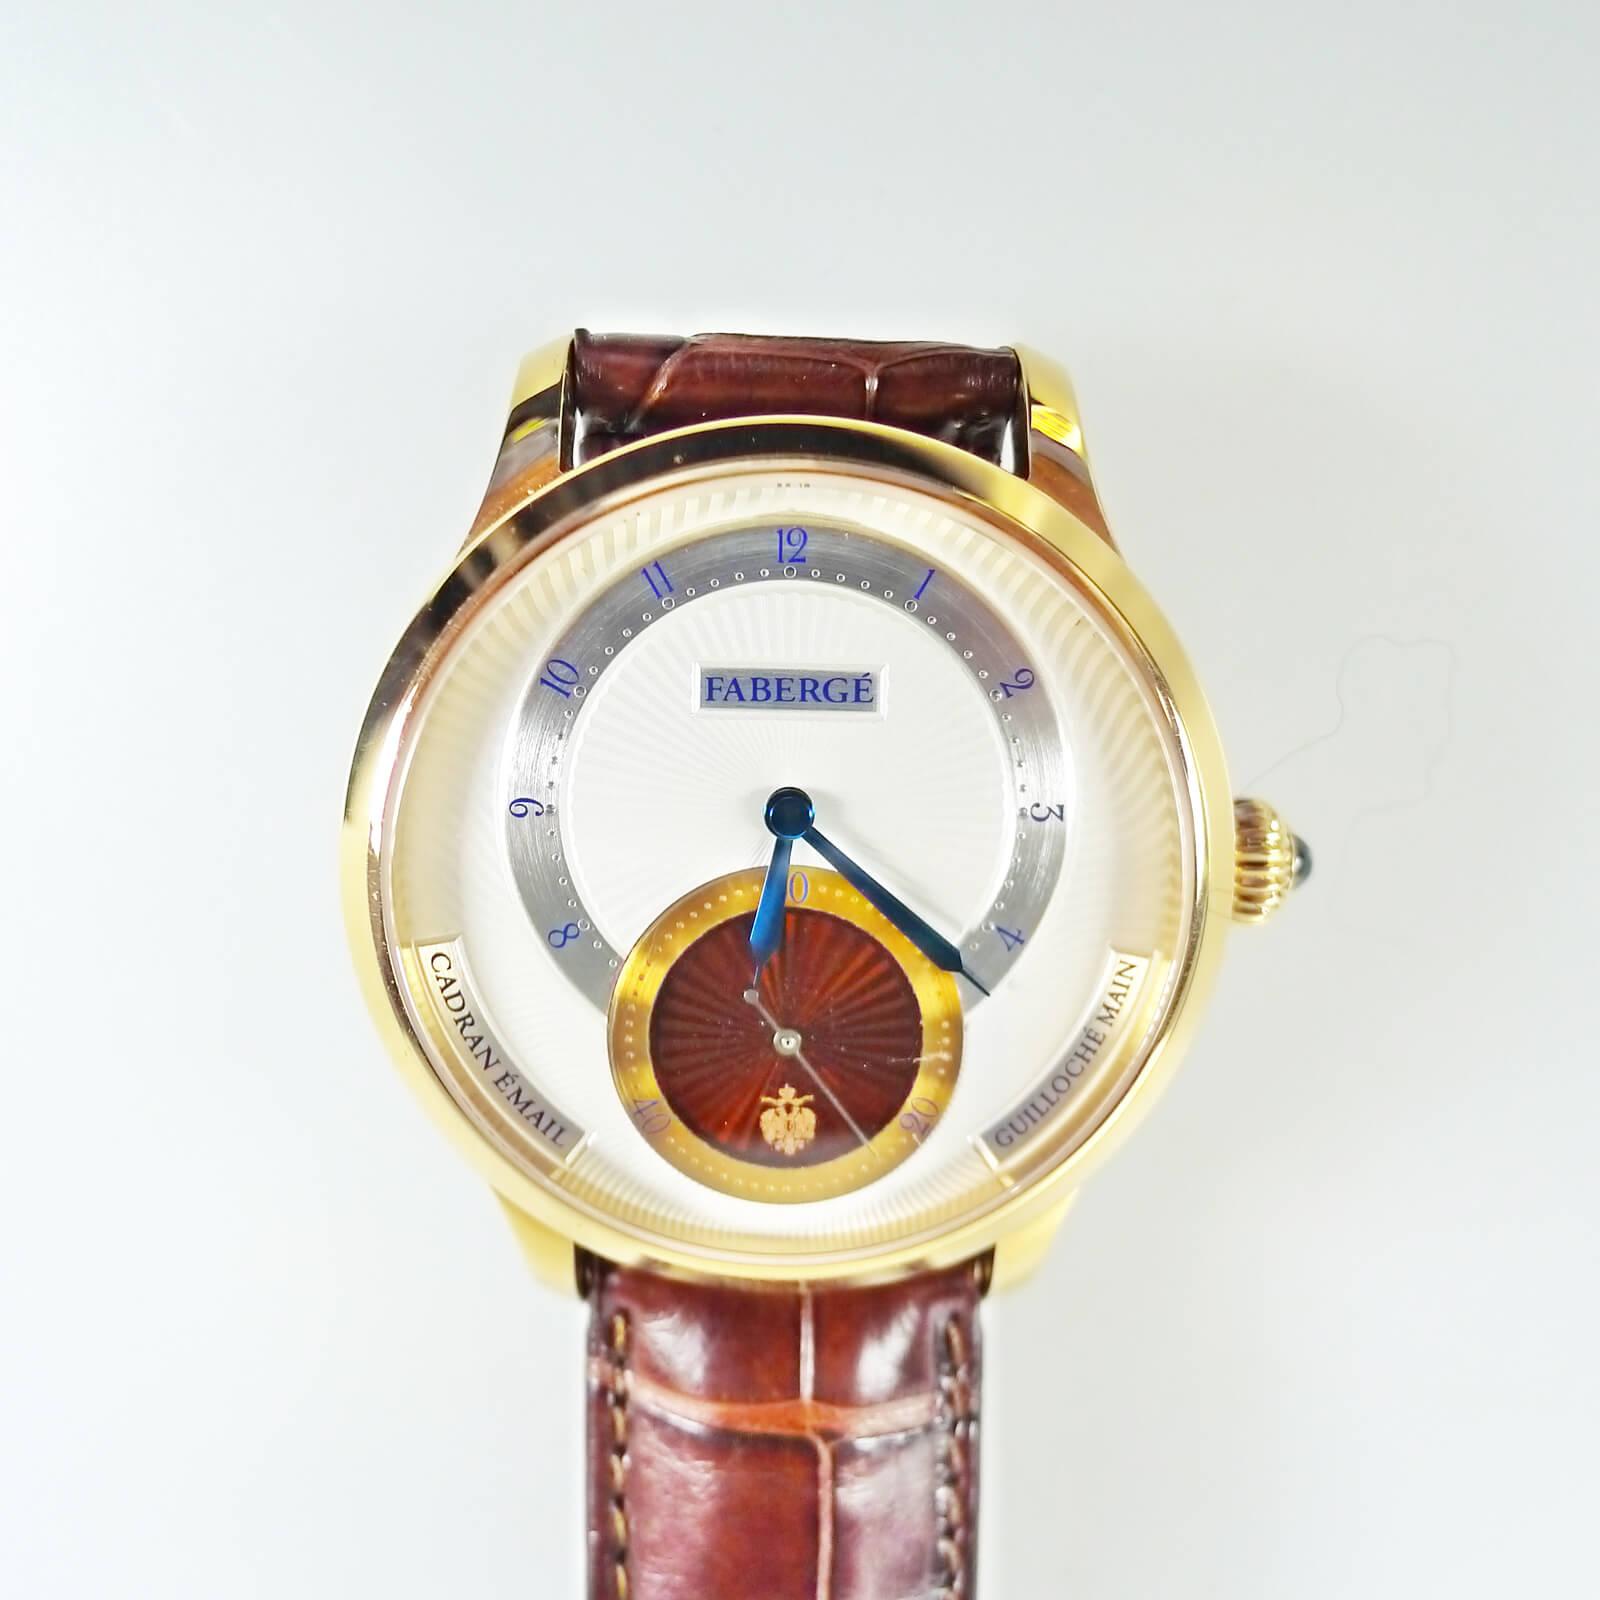 Faberge Agathon